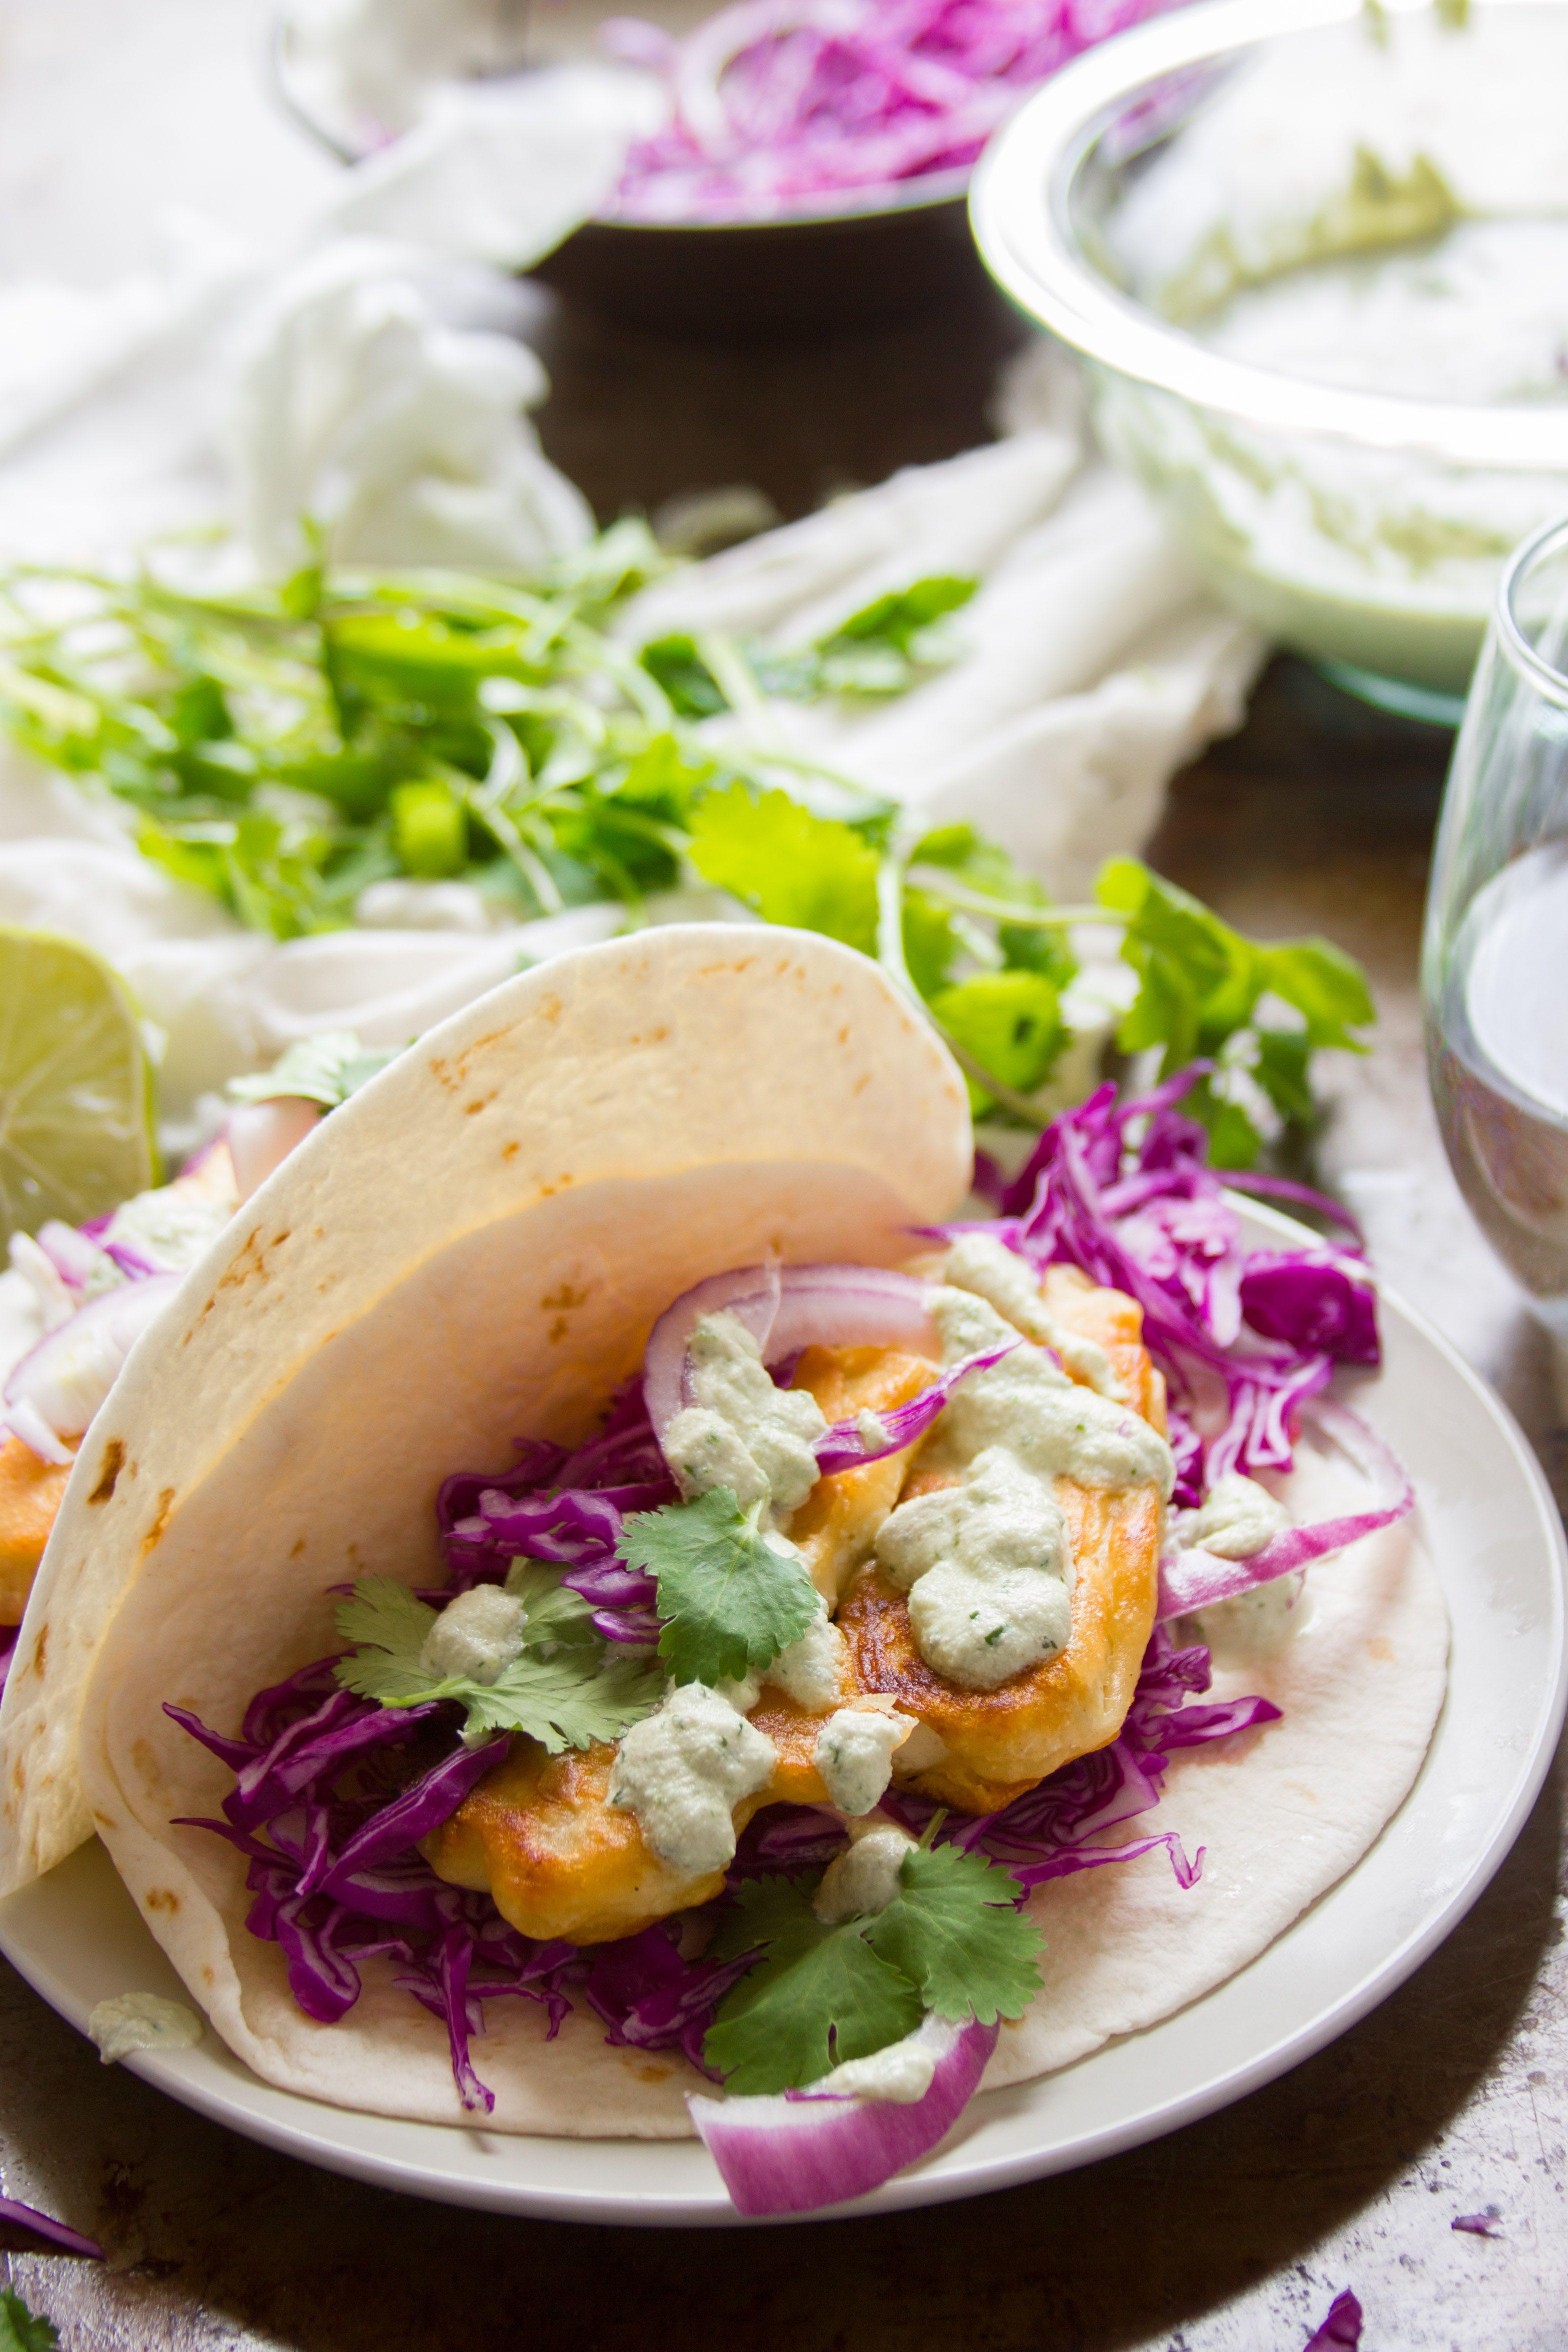 Crispy Beer Battered Tofu Tacos With Vegan Baja Sauce Recipe With Images Tofu Tacos Vegetarian Tacos Recipes Tofu